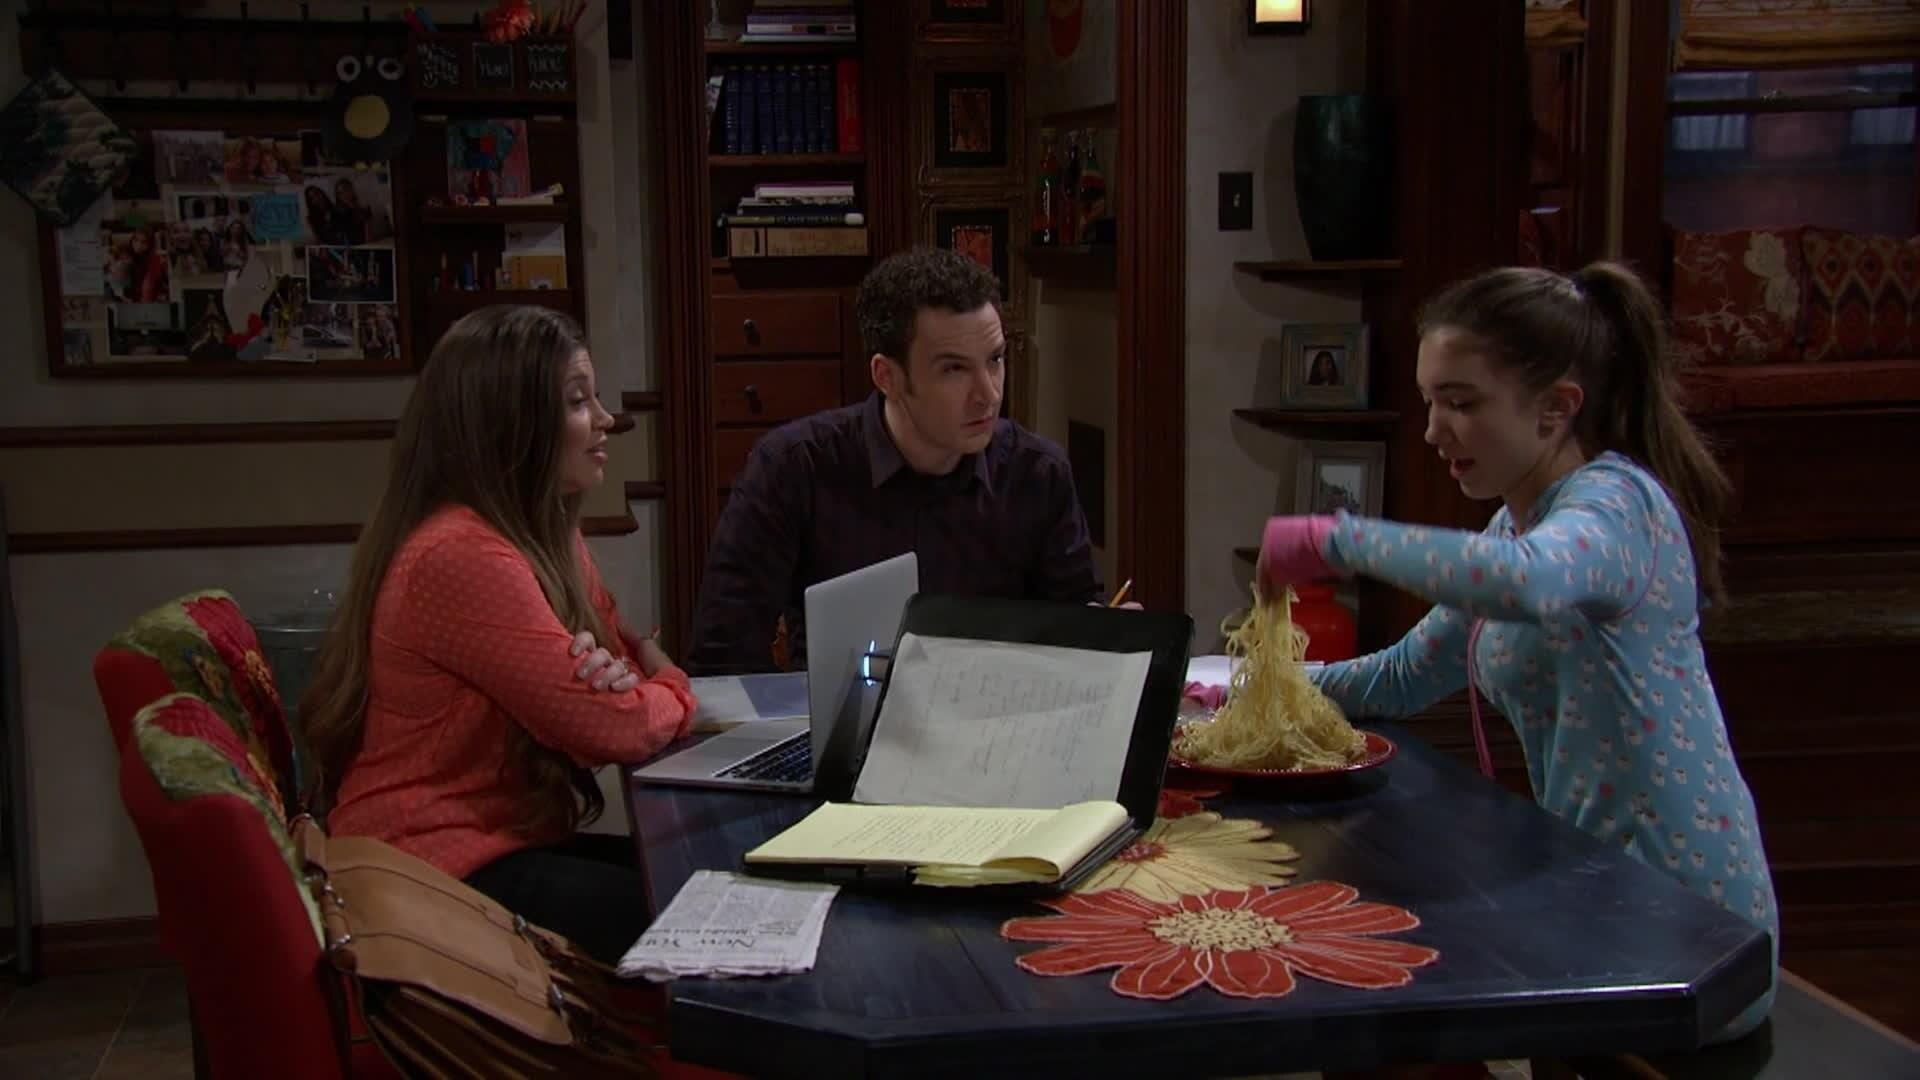 Riley e Cory e Topanga